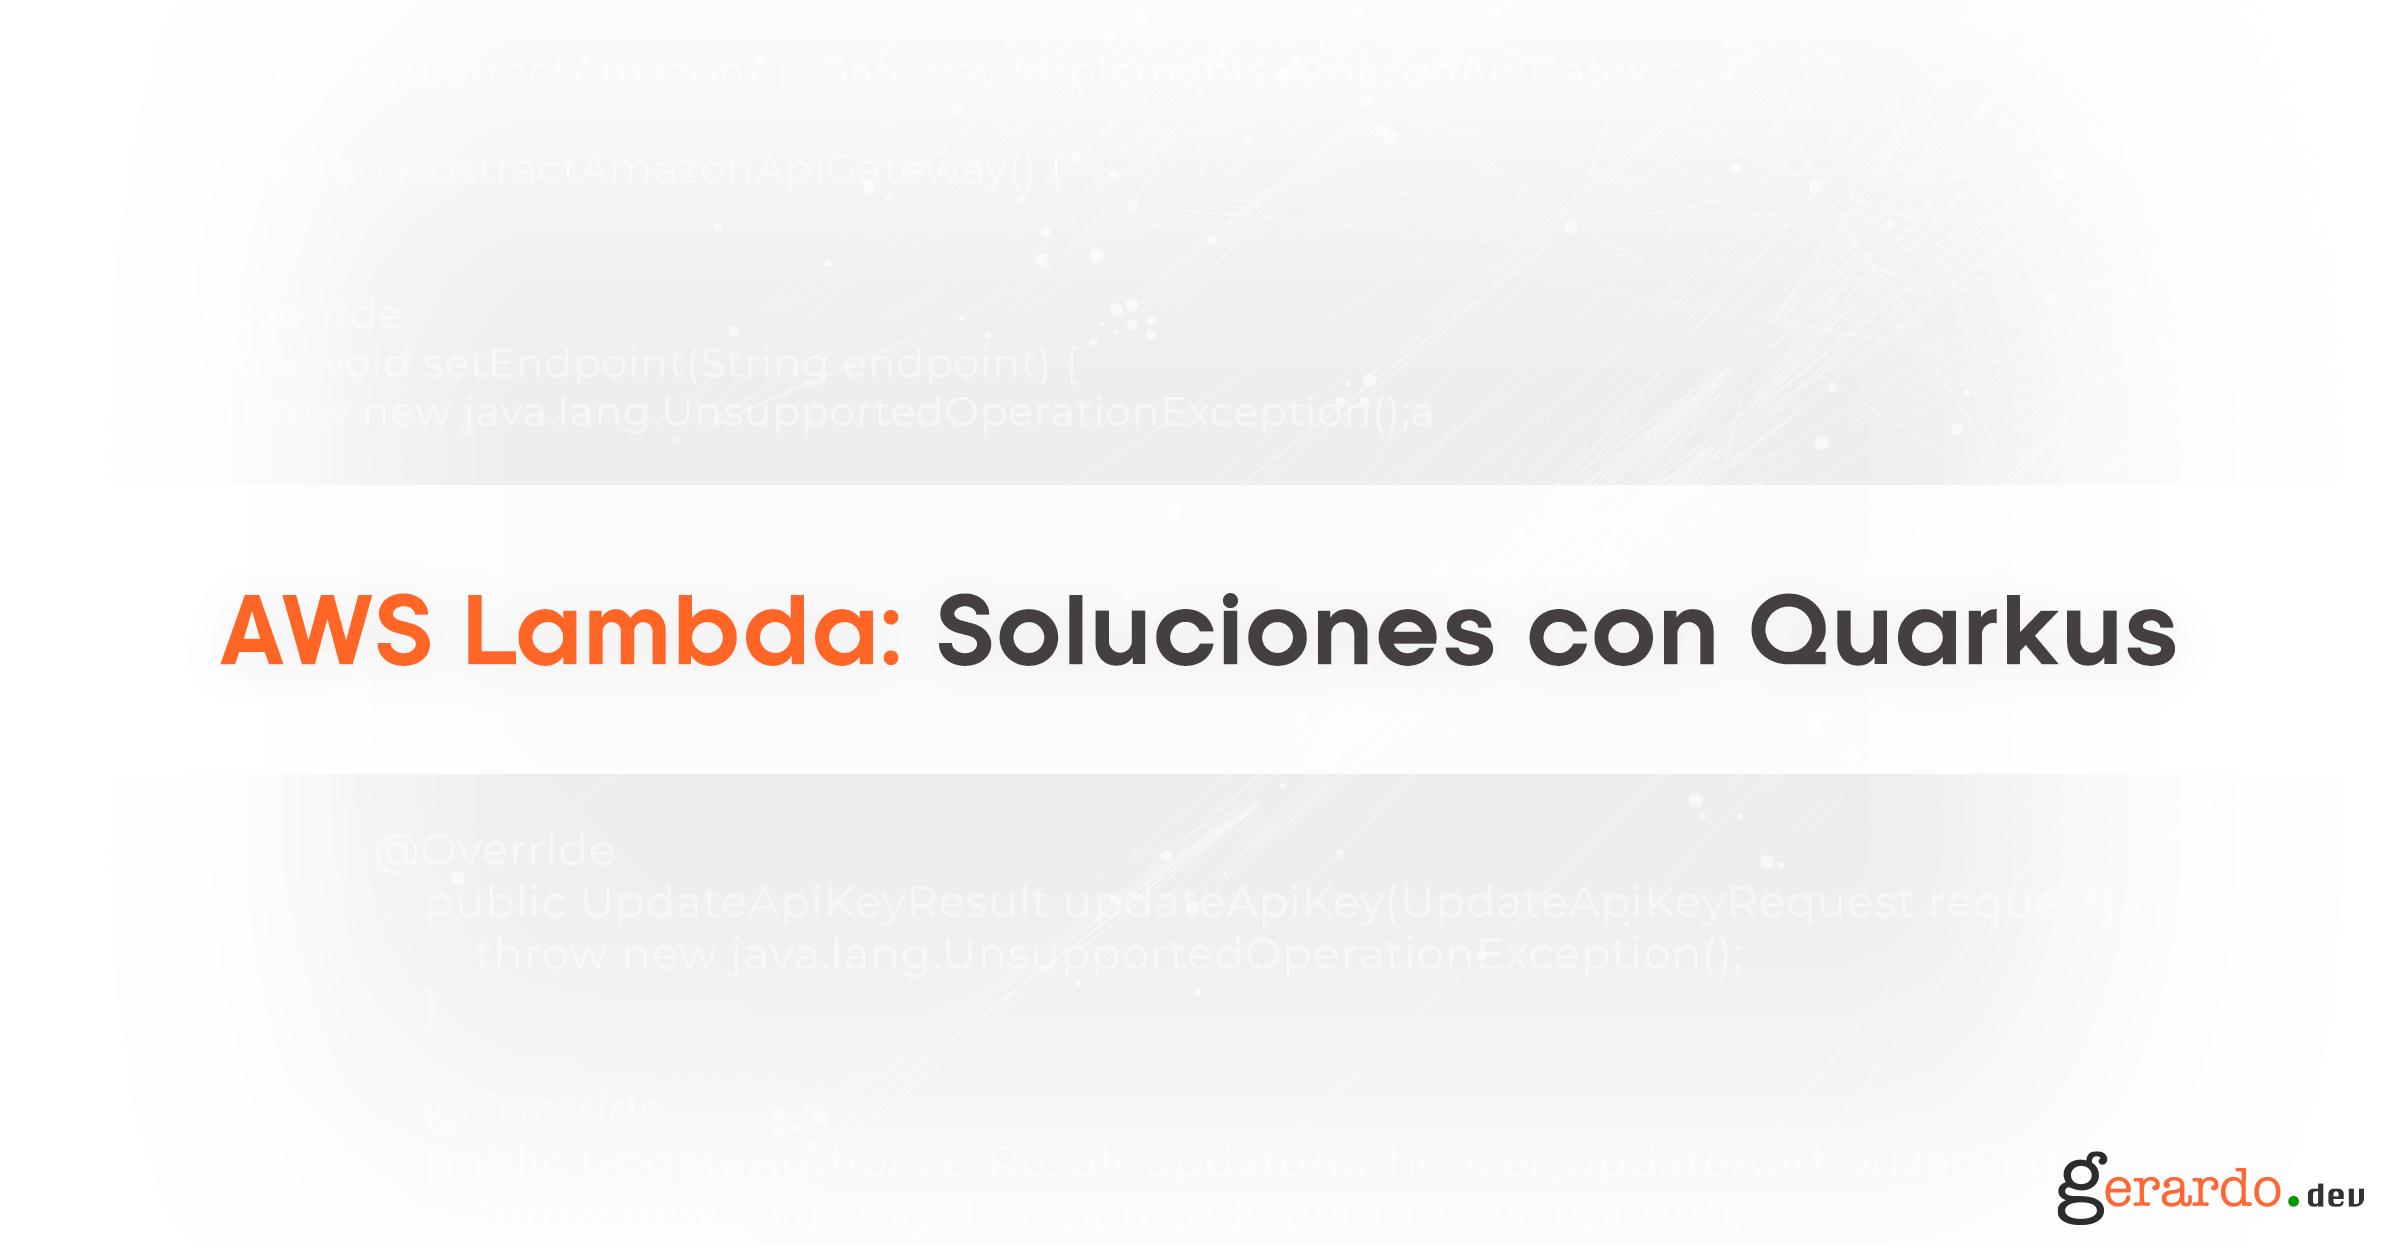 AWS Lambda: Soluciones con Quarkus